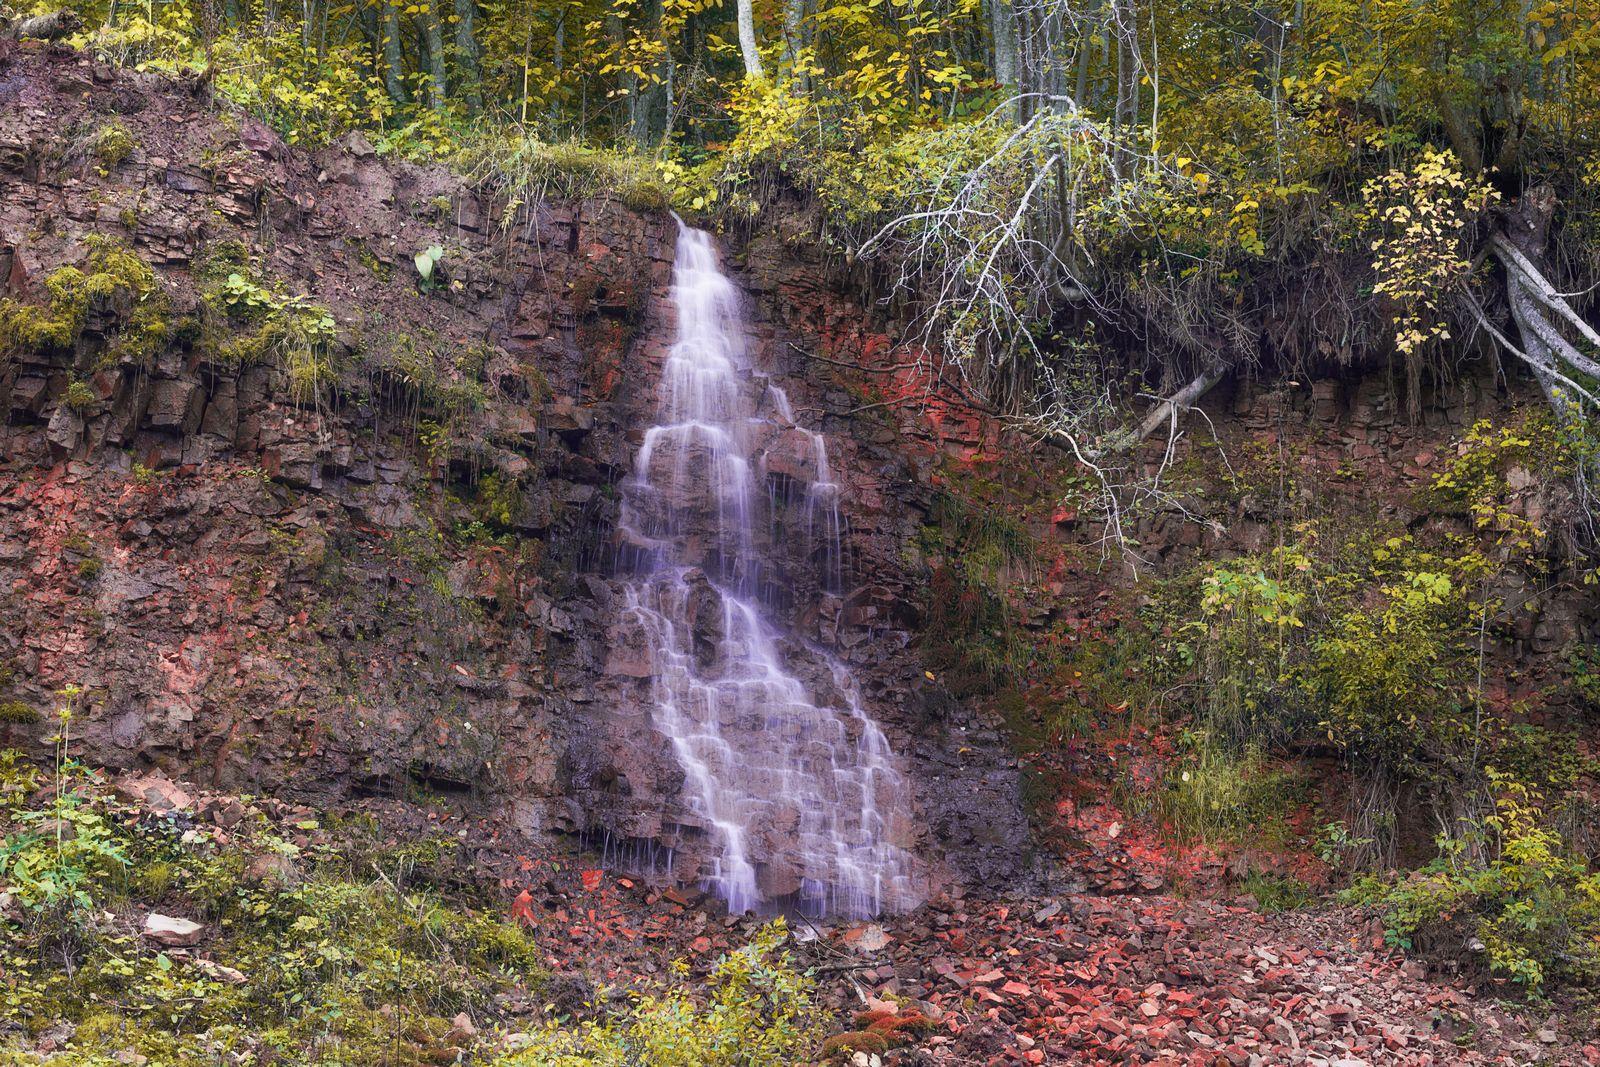 Долина водопадов. Река Рагуша. Долина реки Рагуши водопады река Рагуша